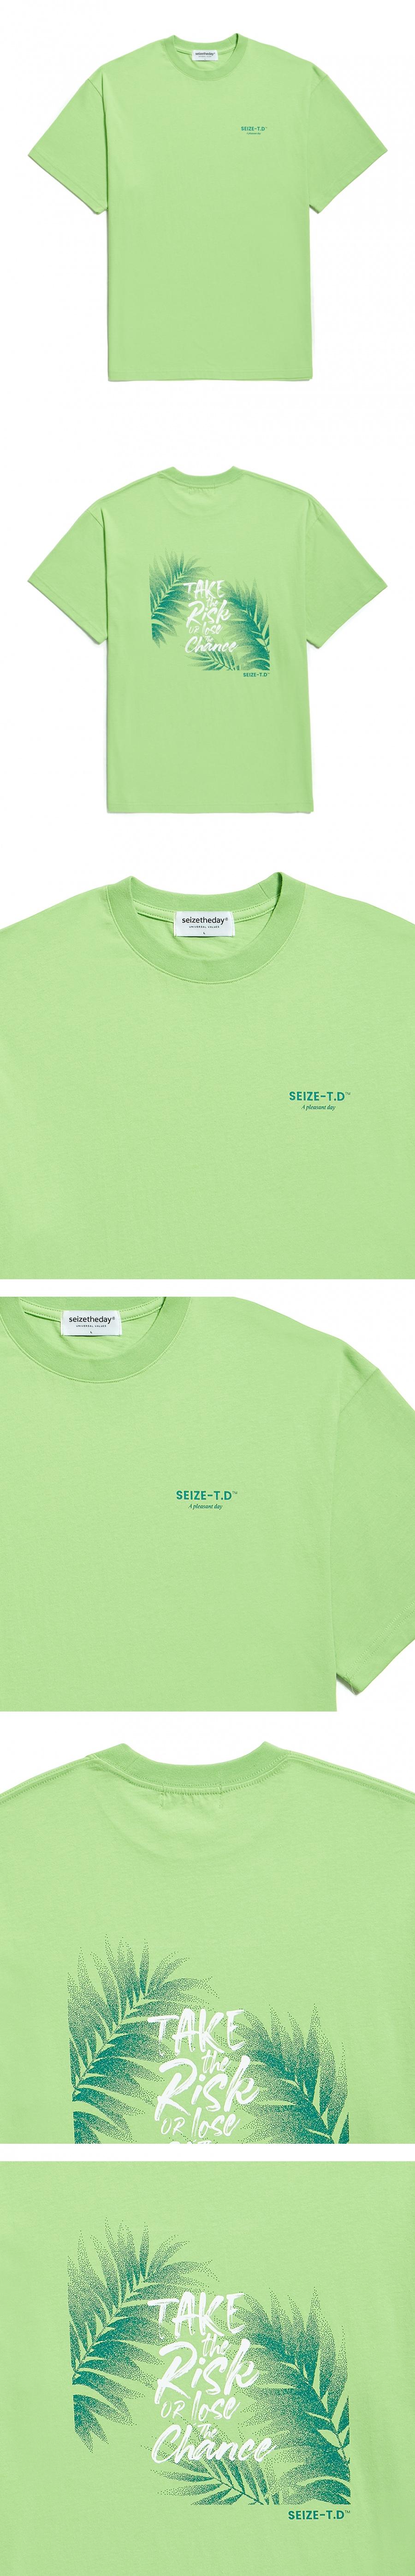 시즈더데이(SEIZETHEDAY) Printed leaves T-SHIRT Lime Green